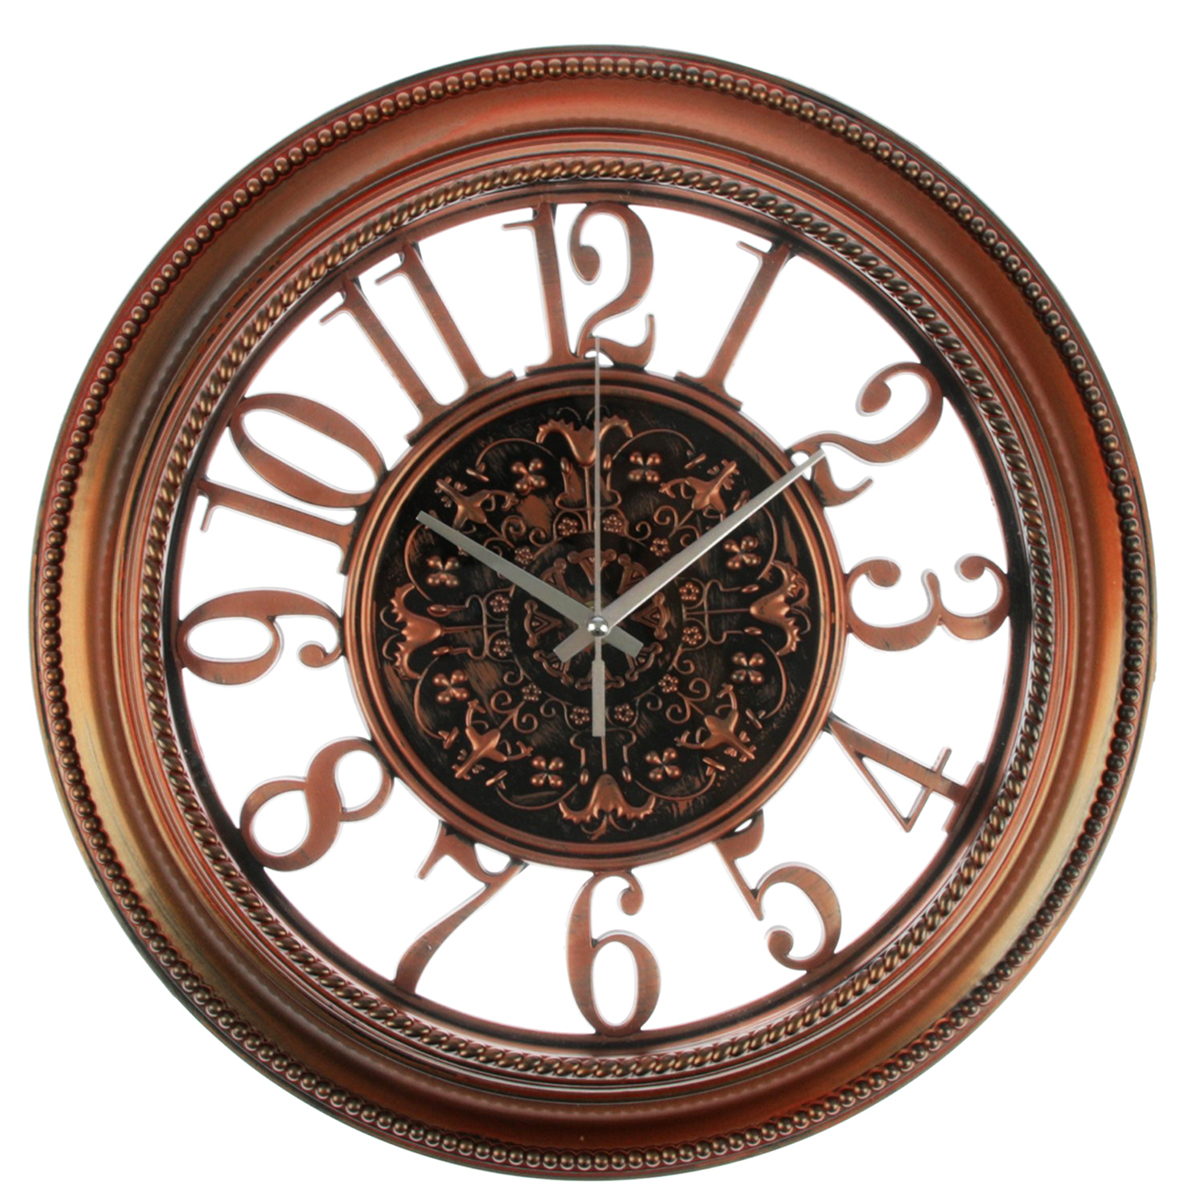 Часы настенные Цифры, цвет: бронза, диаметр 36 см2757016Каждому хозяину периодически приходит мысль обновить свою квартиру, сделать ремонт, перестановку или кардинально поменять внешний вид каждой комнаты. — привлекательная деталь, которая поможет воплотить вашу интерьерную идею, создать неповторимую атмосферу в вашем доме. Окружите себя приятными мелочами, пусть они радуют глаз и дарят гармонию.Часы настенные серия Цифры, круг, цифры по кайме, цифер-т с узором, цвет рамы бронза, d=36см 27570